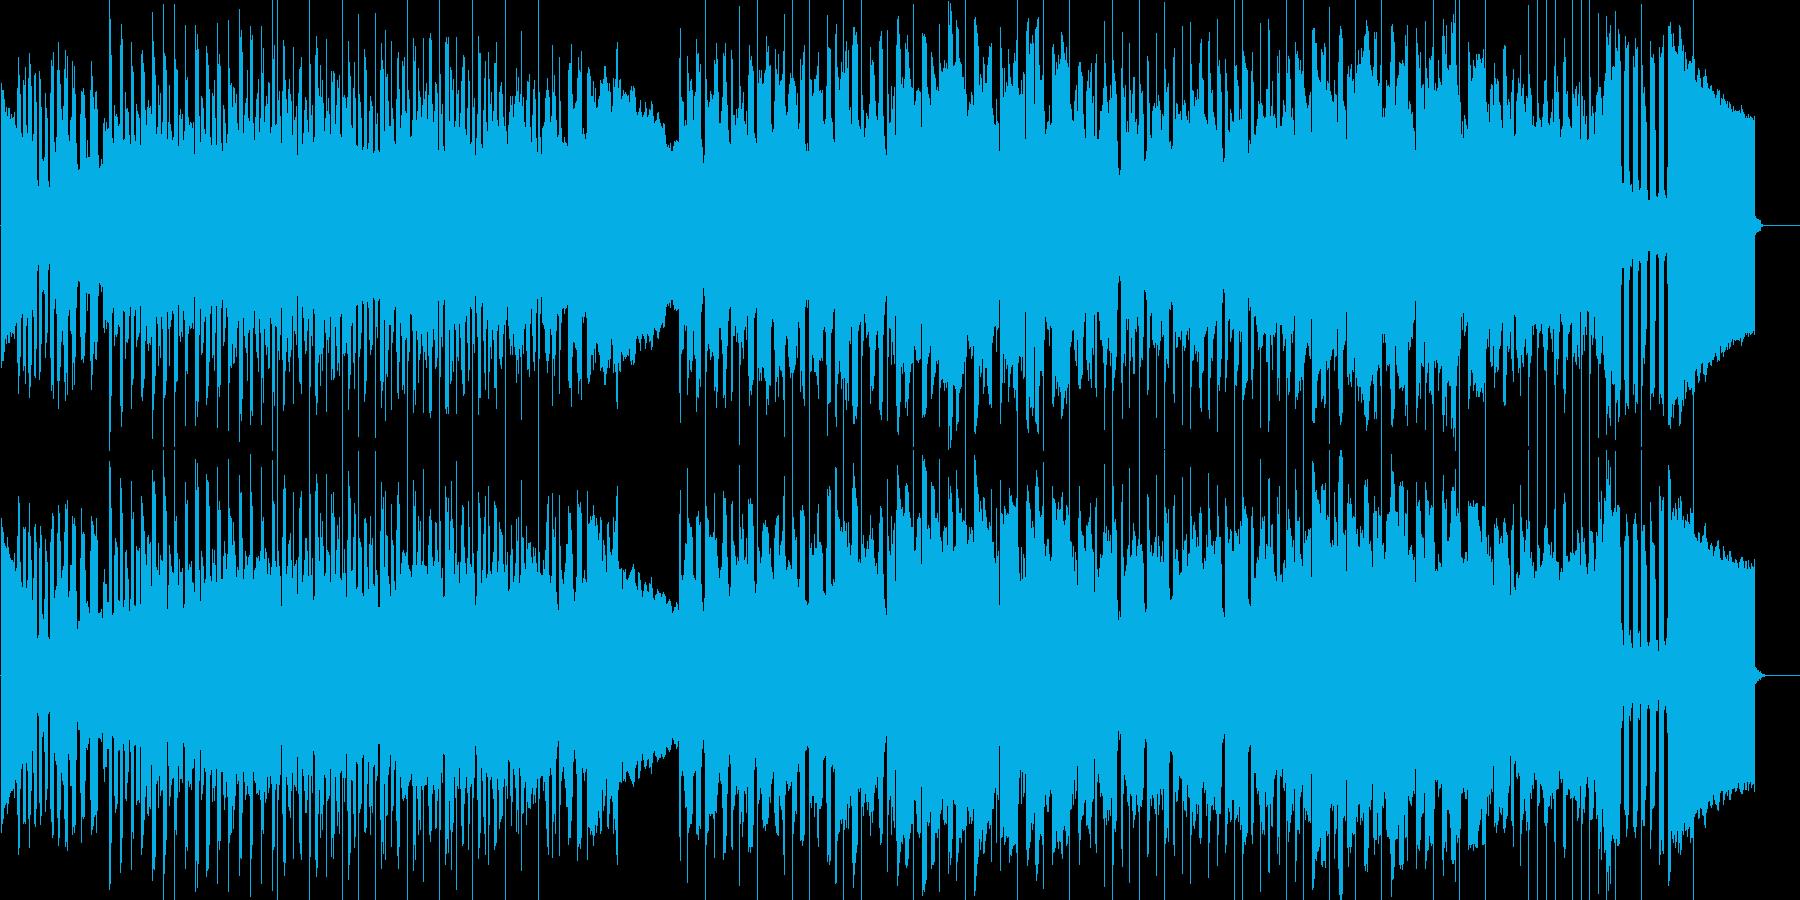 クラシカルで焦燥感のあるゲーム音楽の再生済みの波形